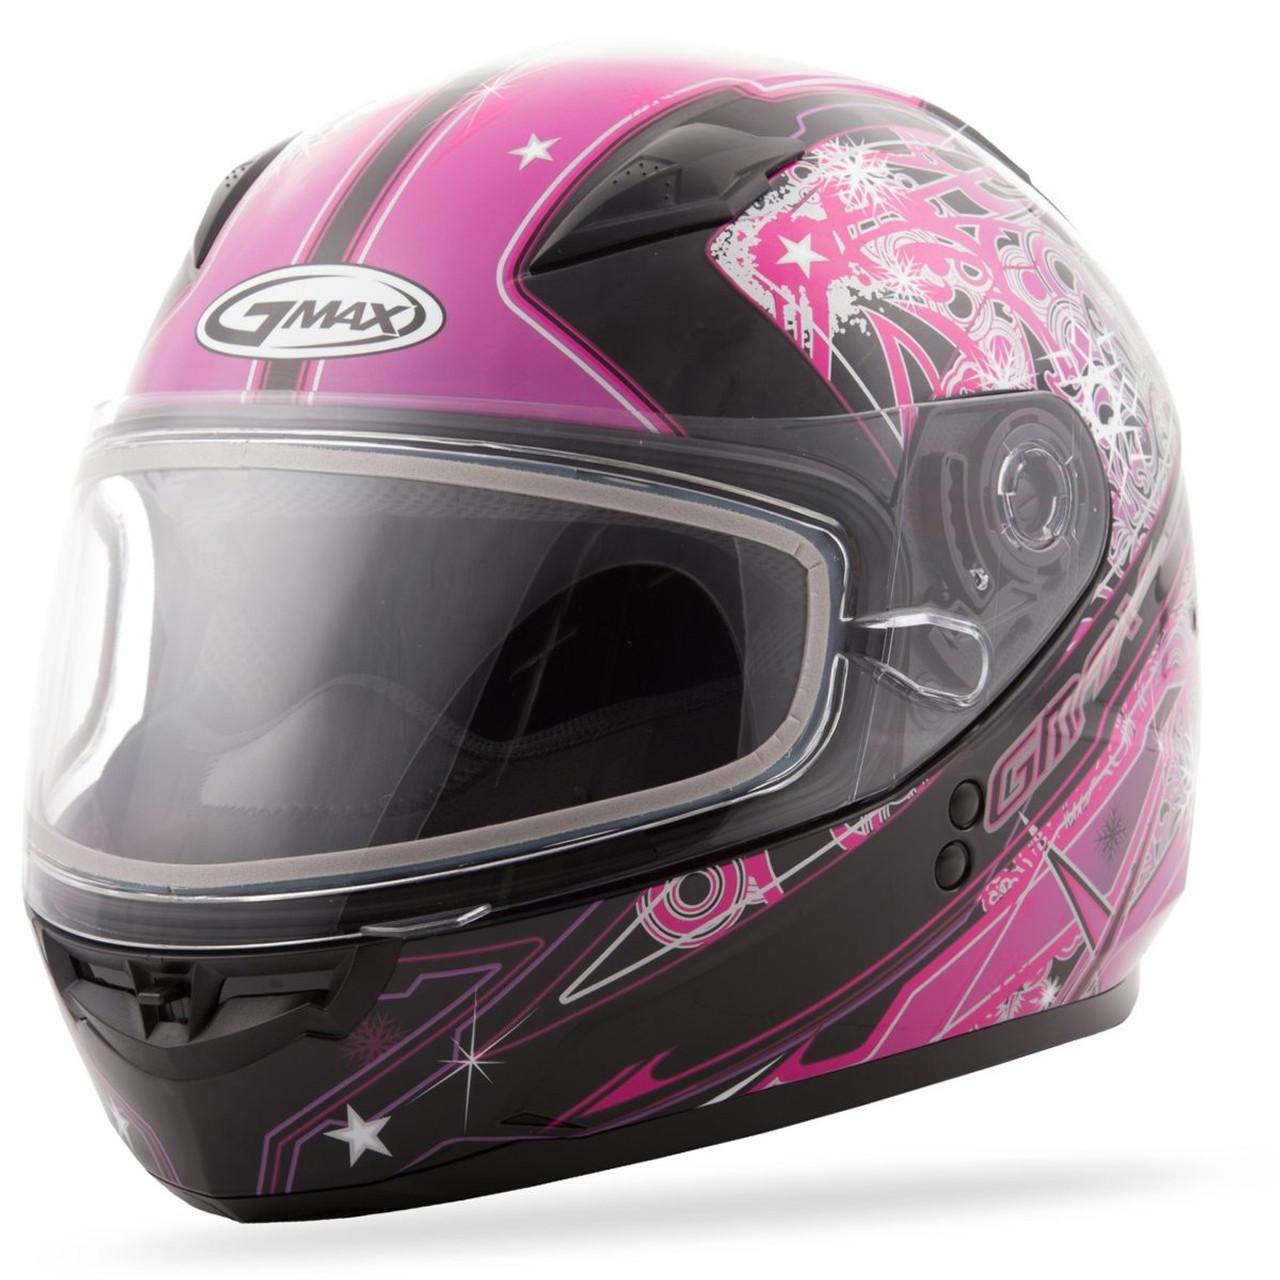 GMAX GM-49Y Youth Celestial Snow Helmet Pink/Purple/Black